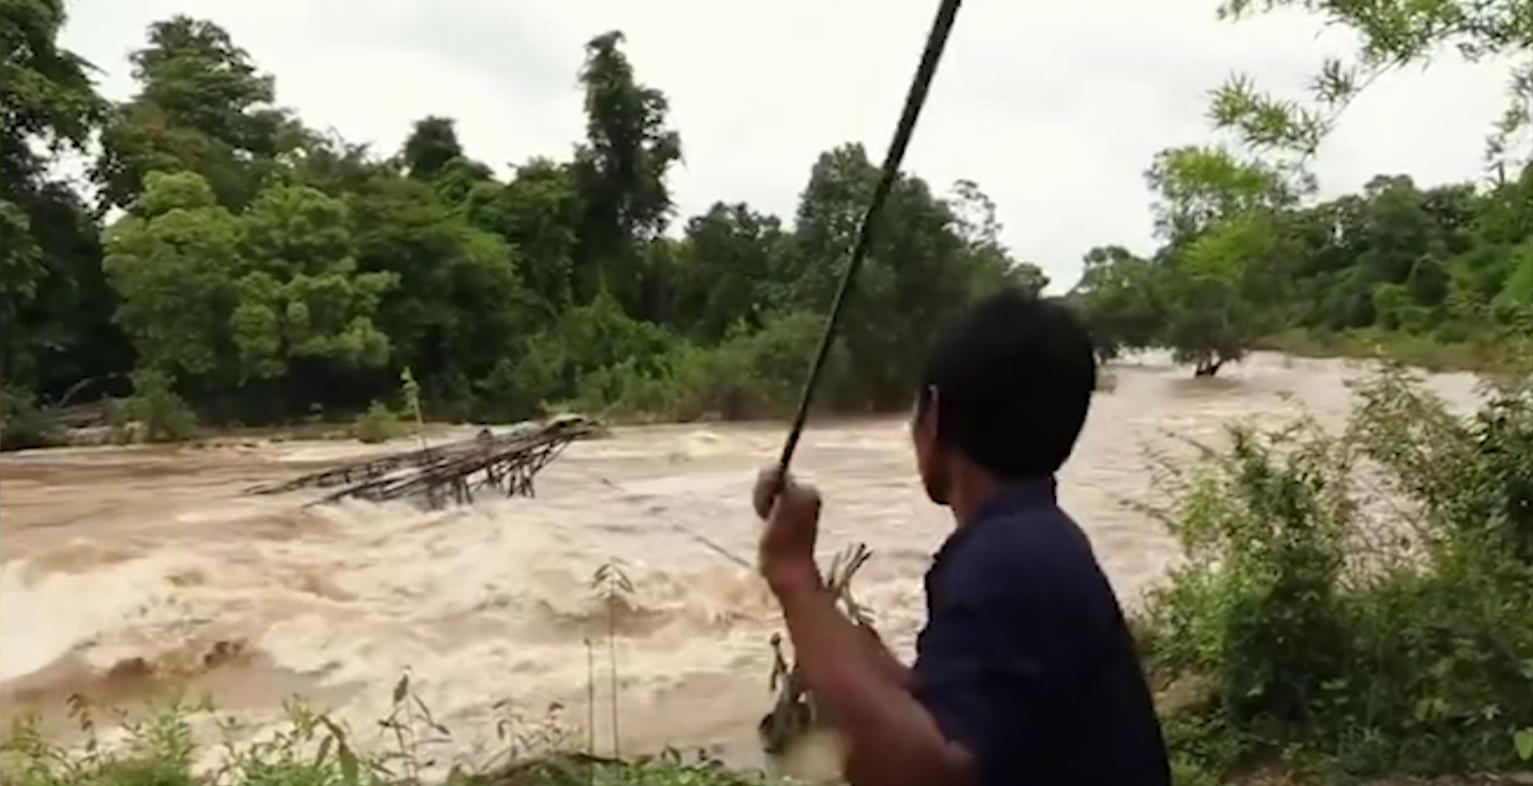 湄公河捕魚人:在湍急的洪水中抓魚,稍不注意就會死亡